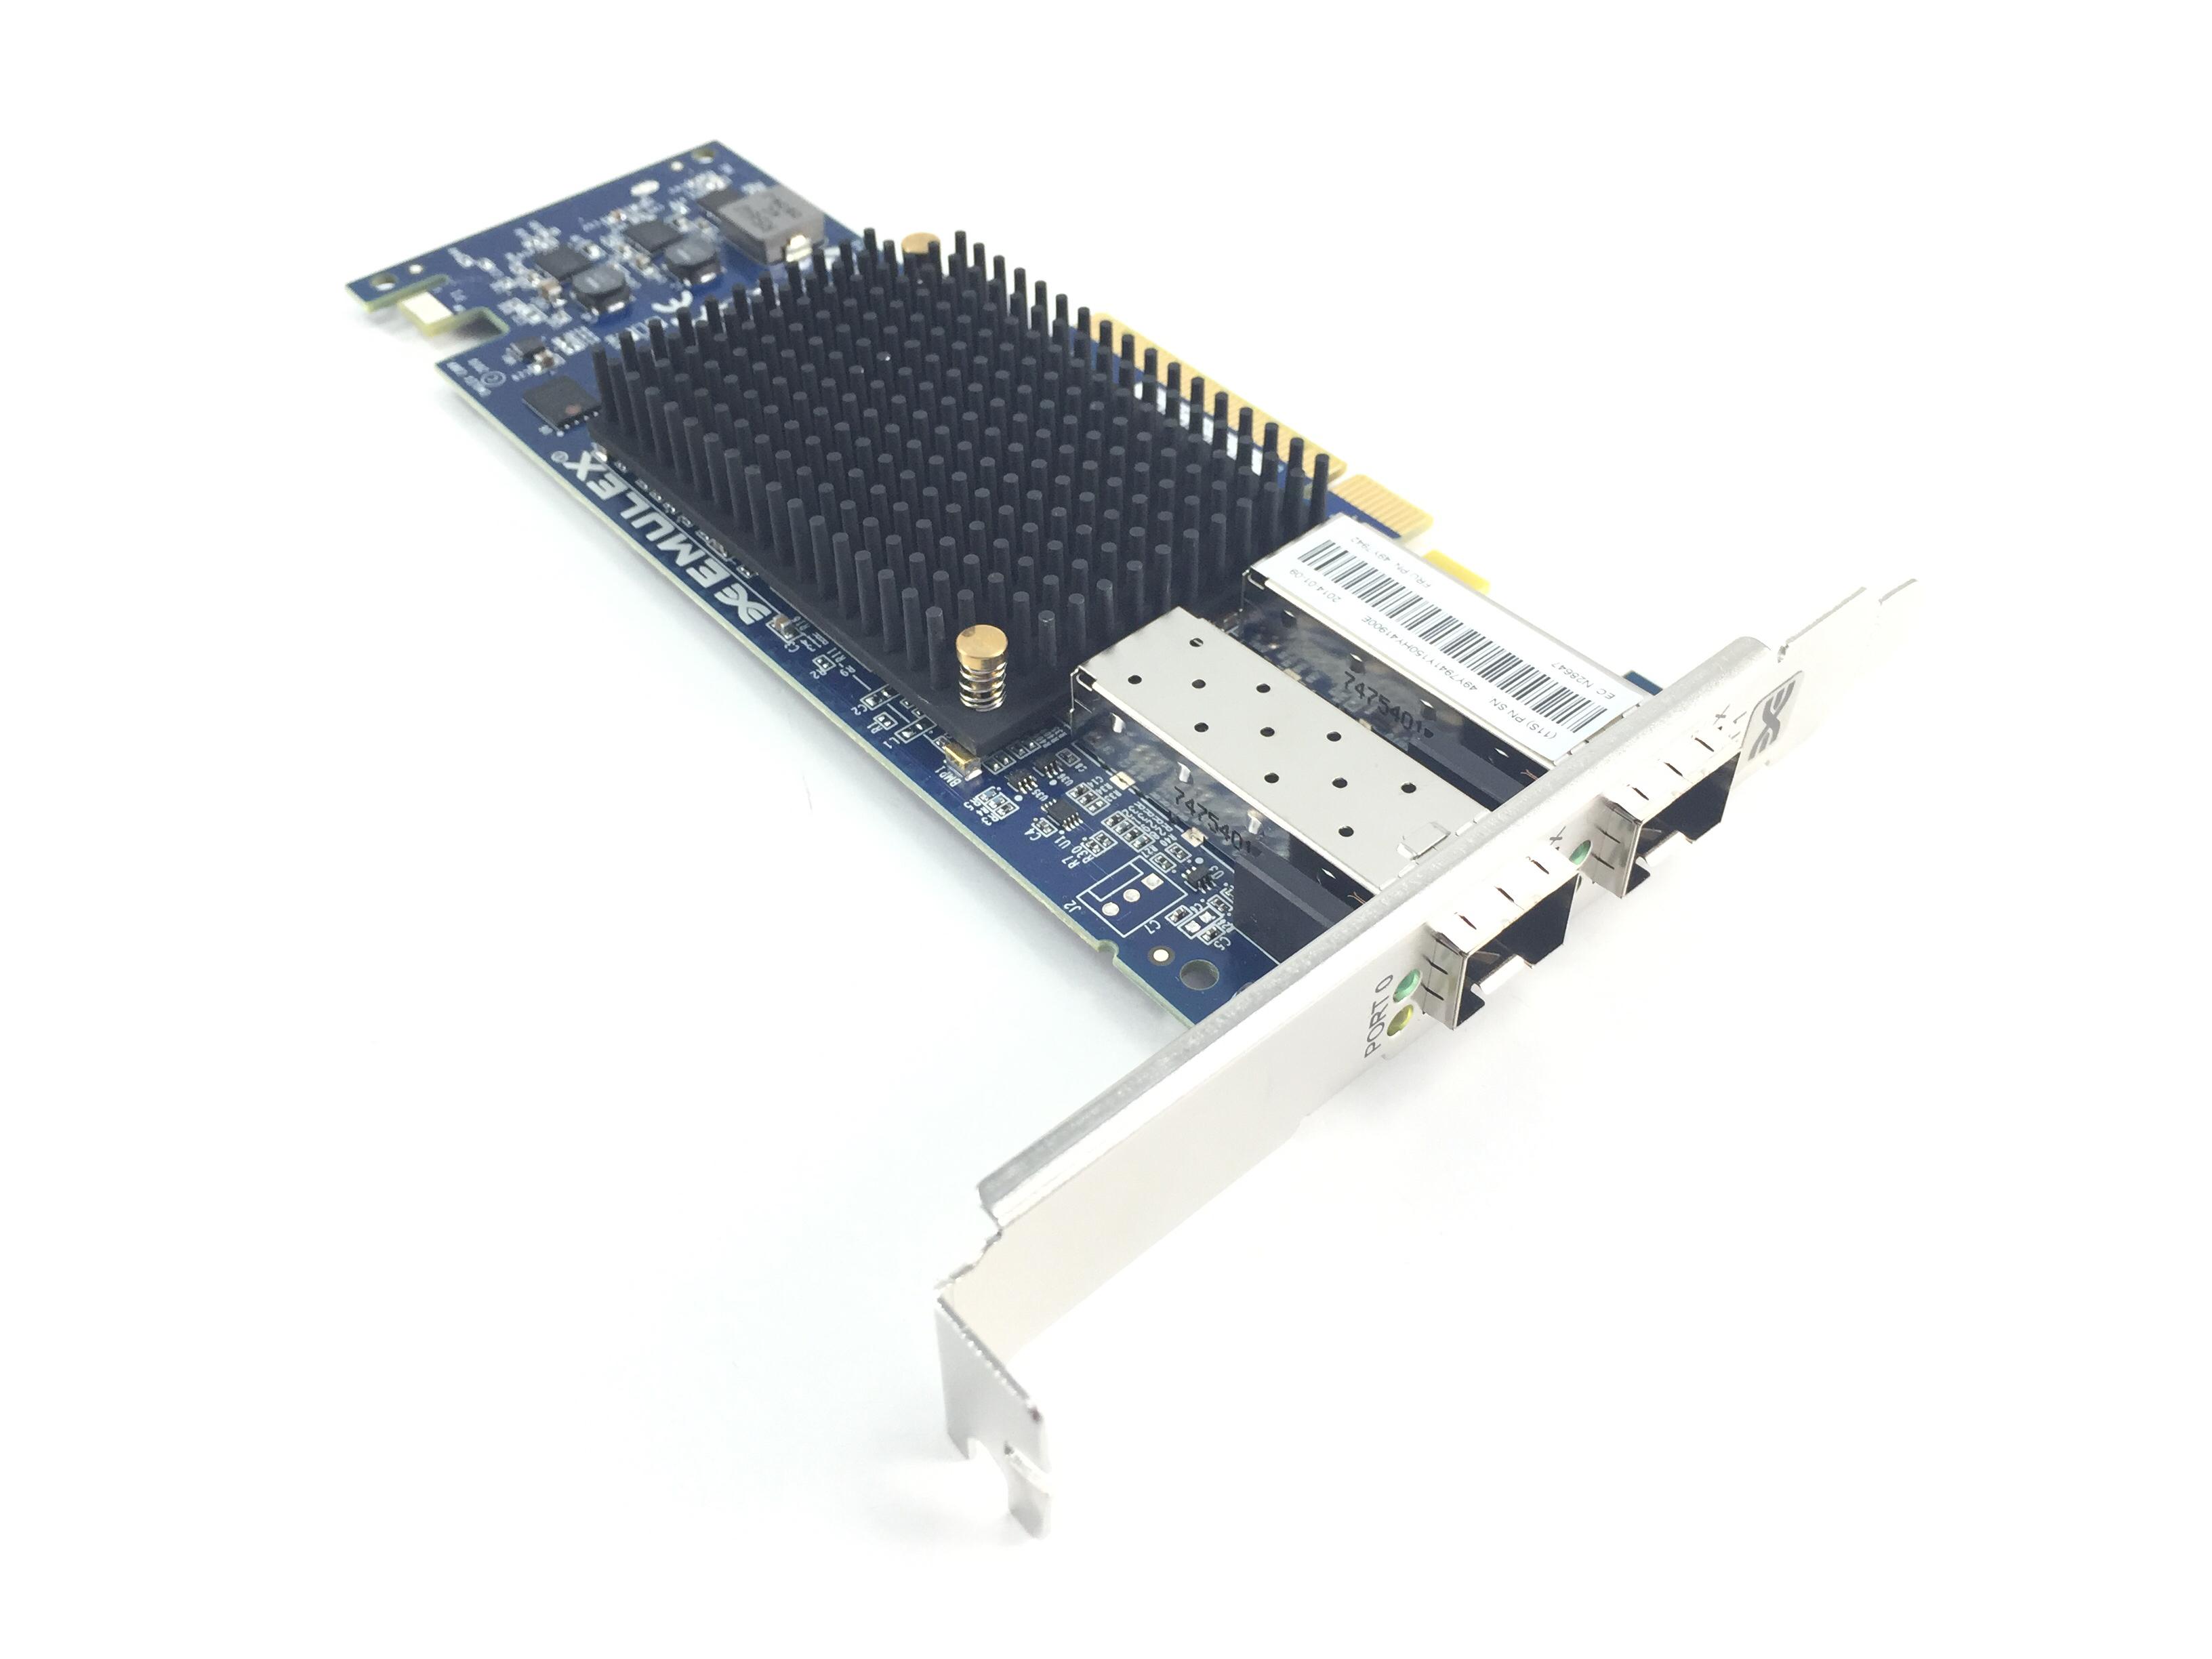 IBM Emulex 10Gbe Dual Port PCI-E 2.0 X 8 Virtual Fabric Adapter (49Y7942)